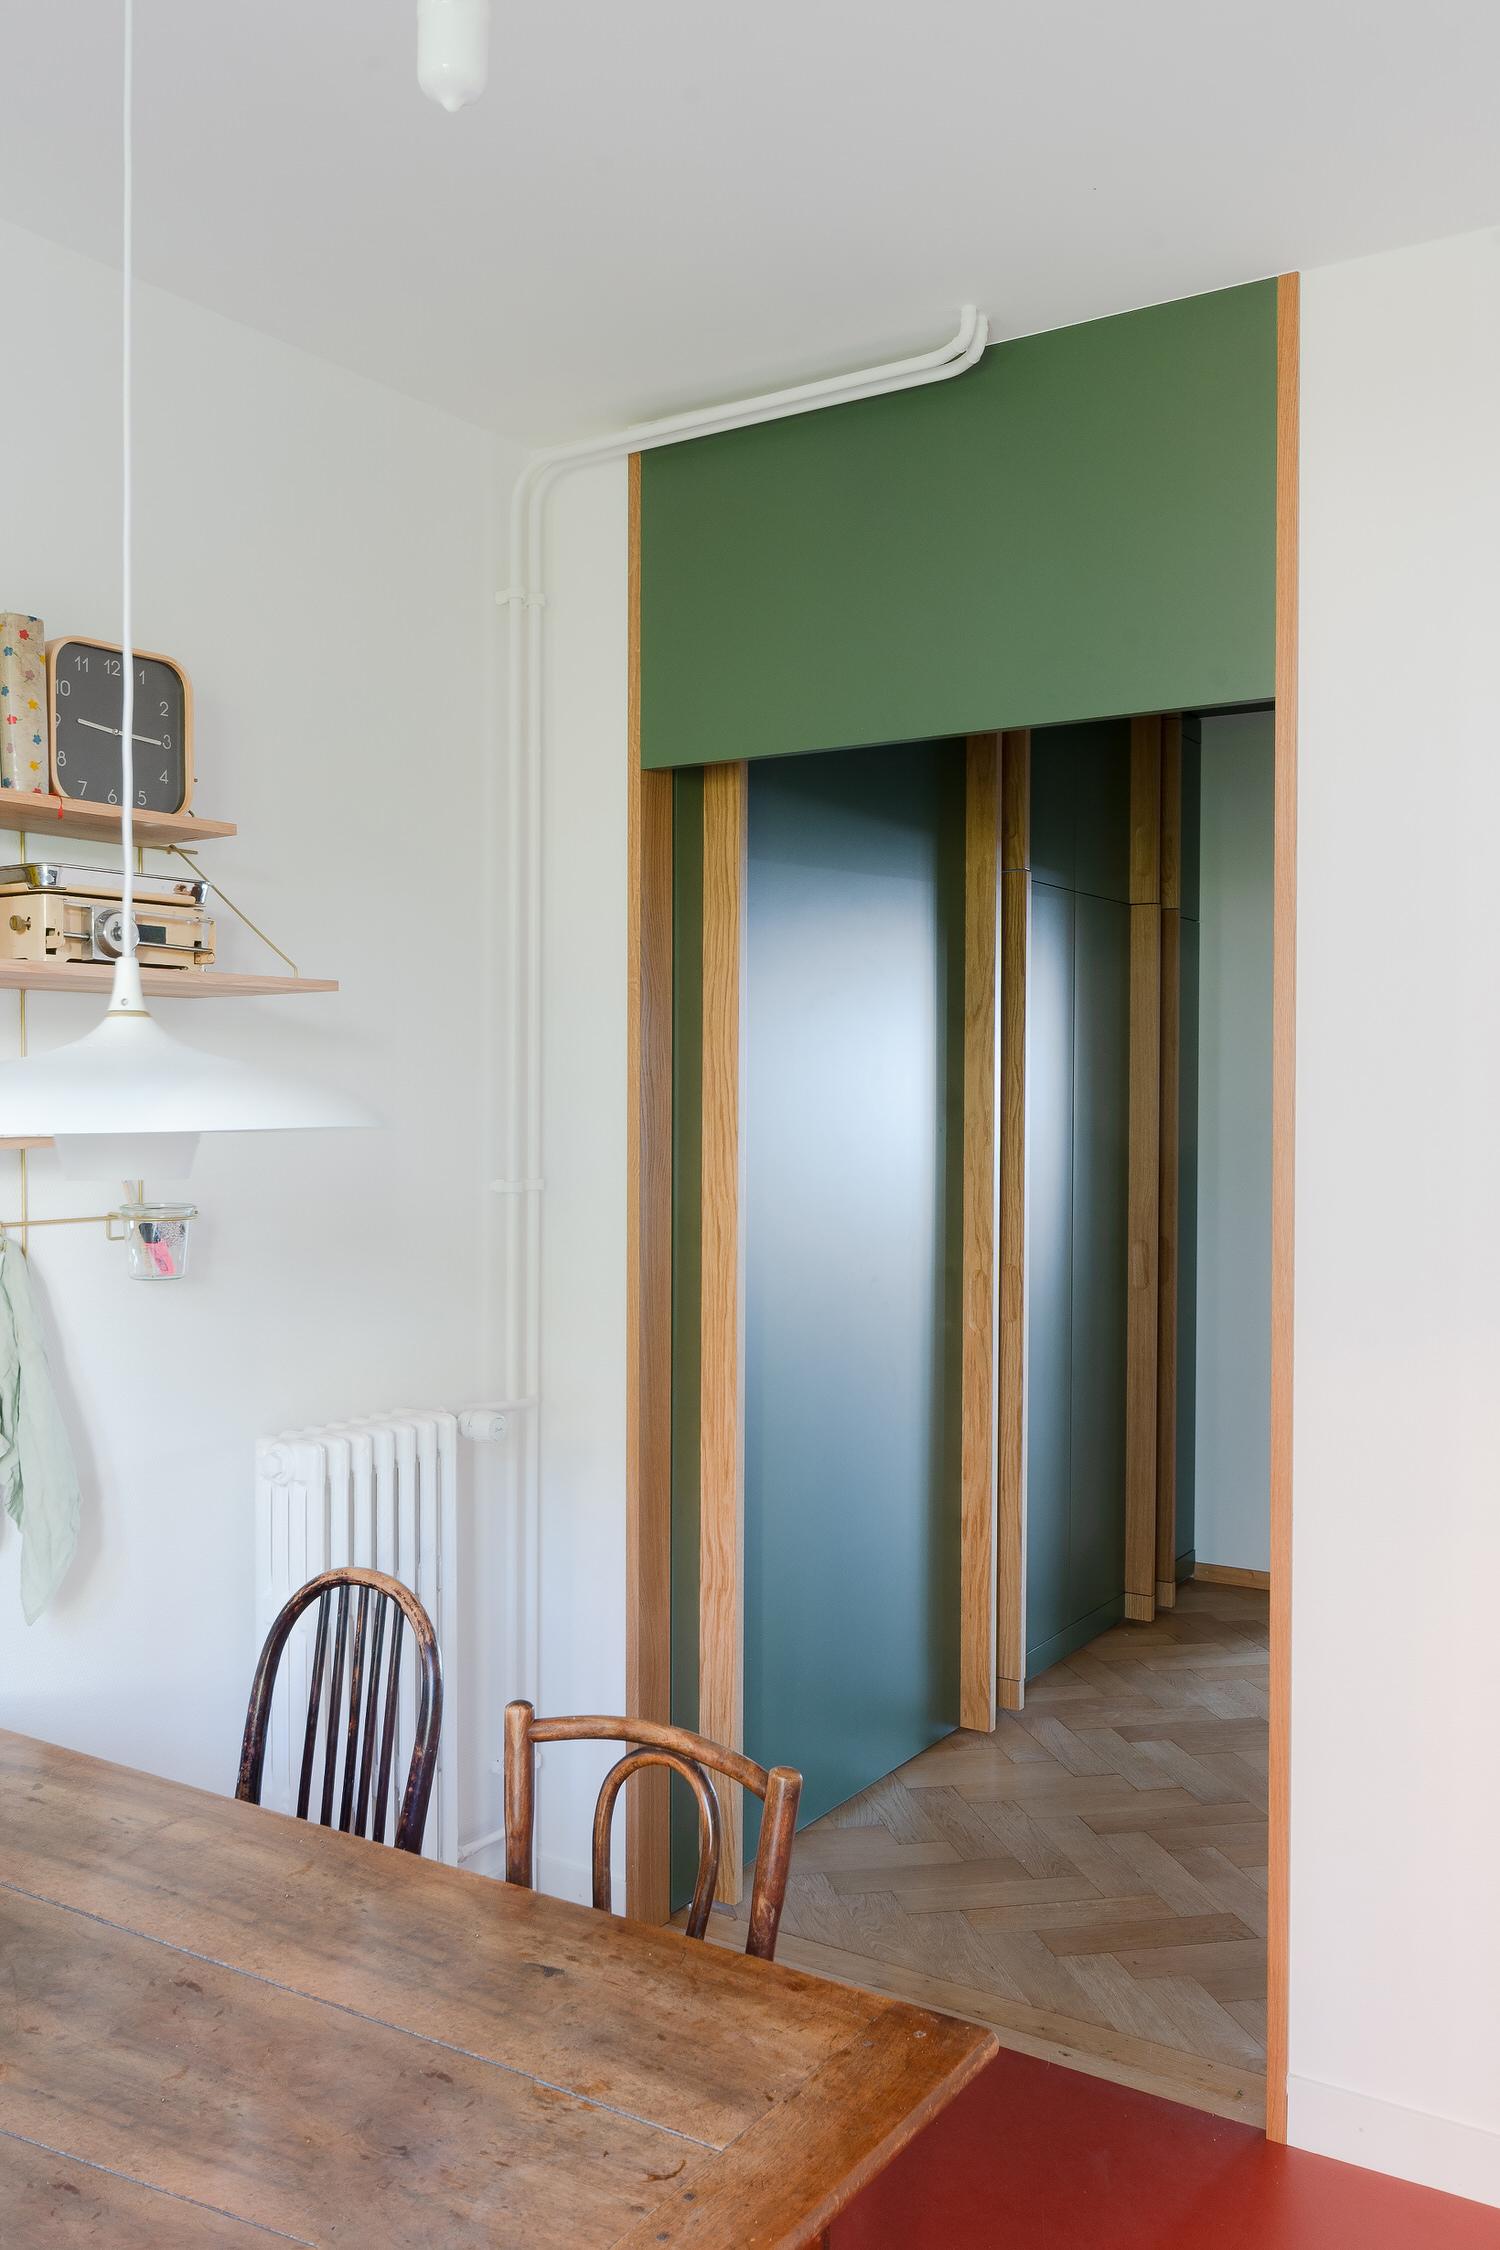 Bureau Brisson Architectes, Montolivet Apartment Renovation Lousanne, Photo Alan Hasoo | Yellowtrace